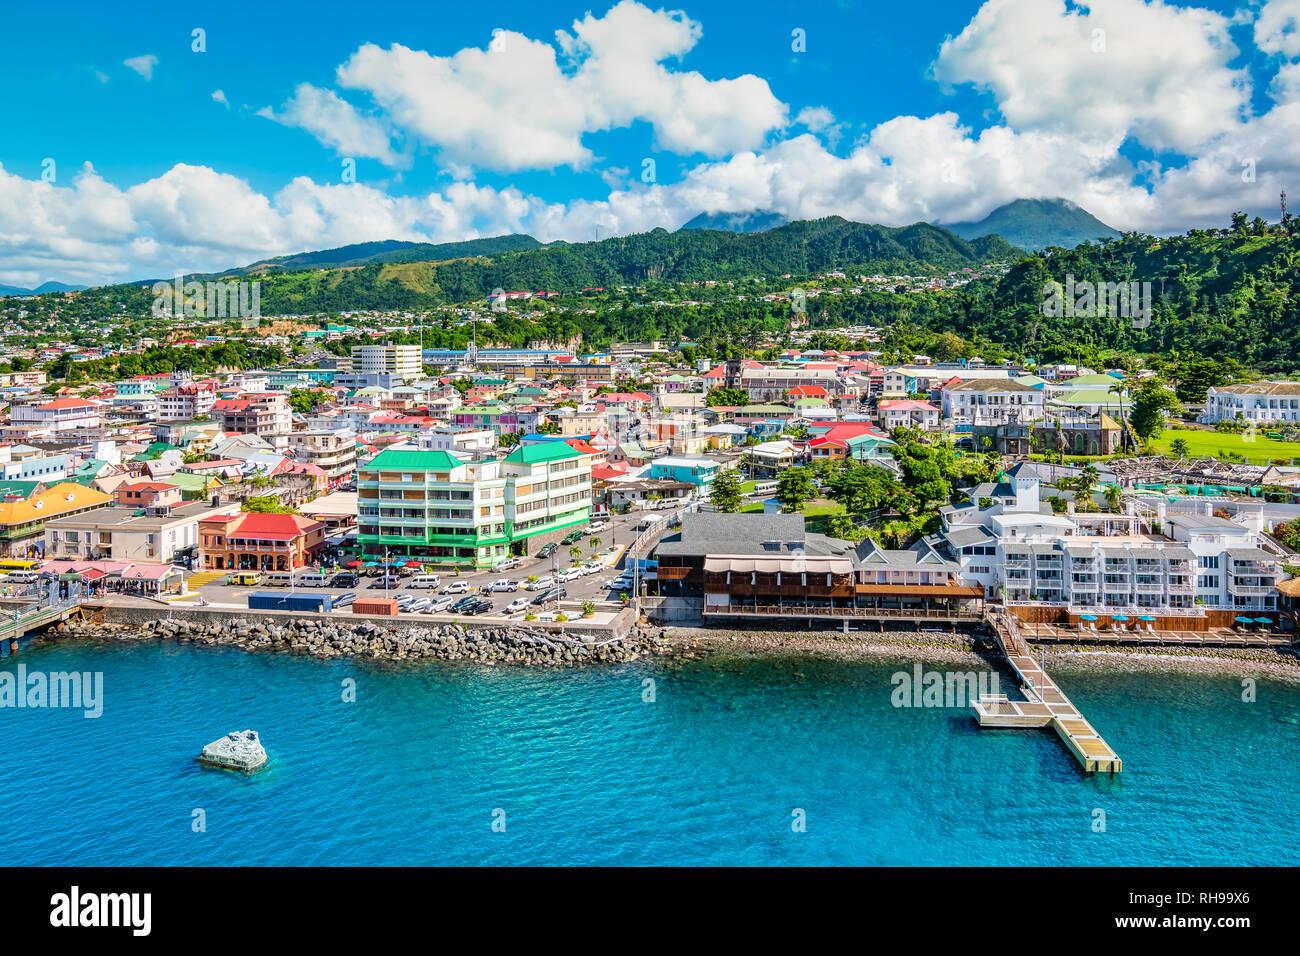 Hafen Von Roseau Dominica Stockfotografie Alamy